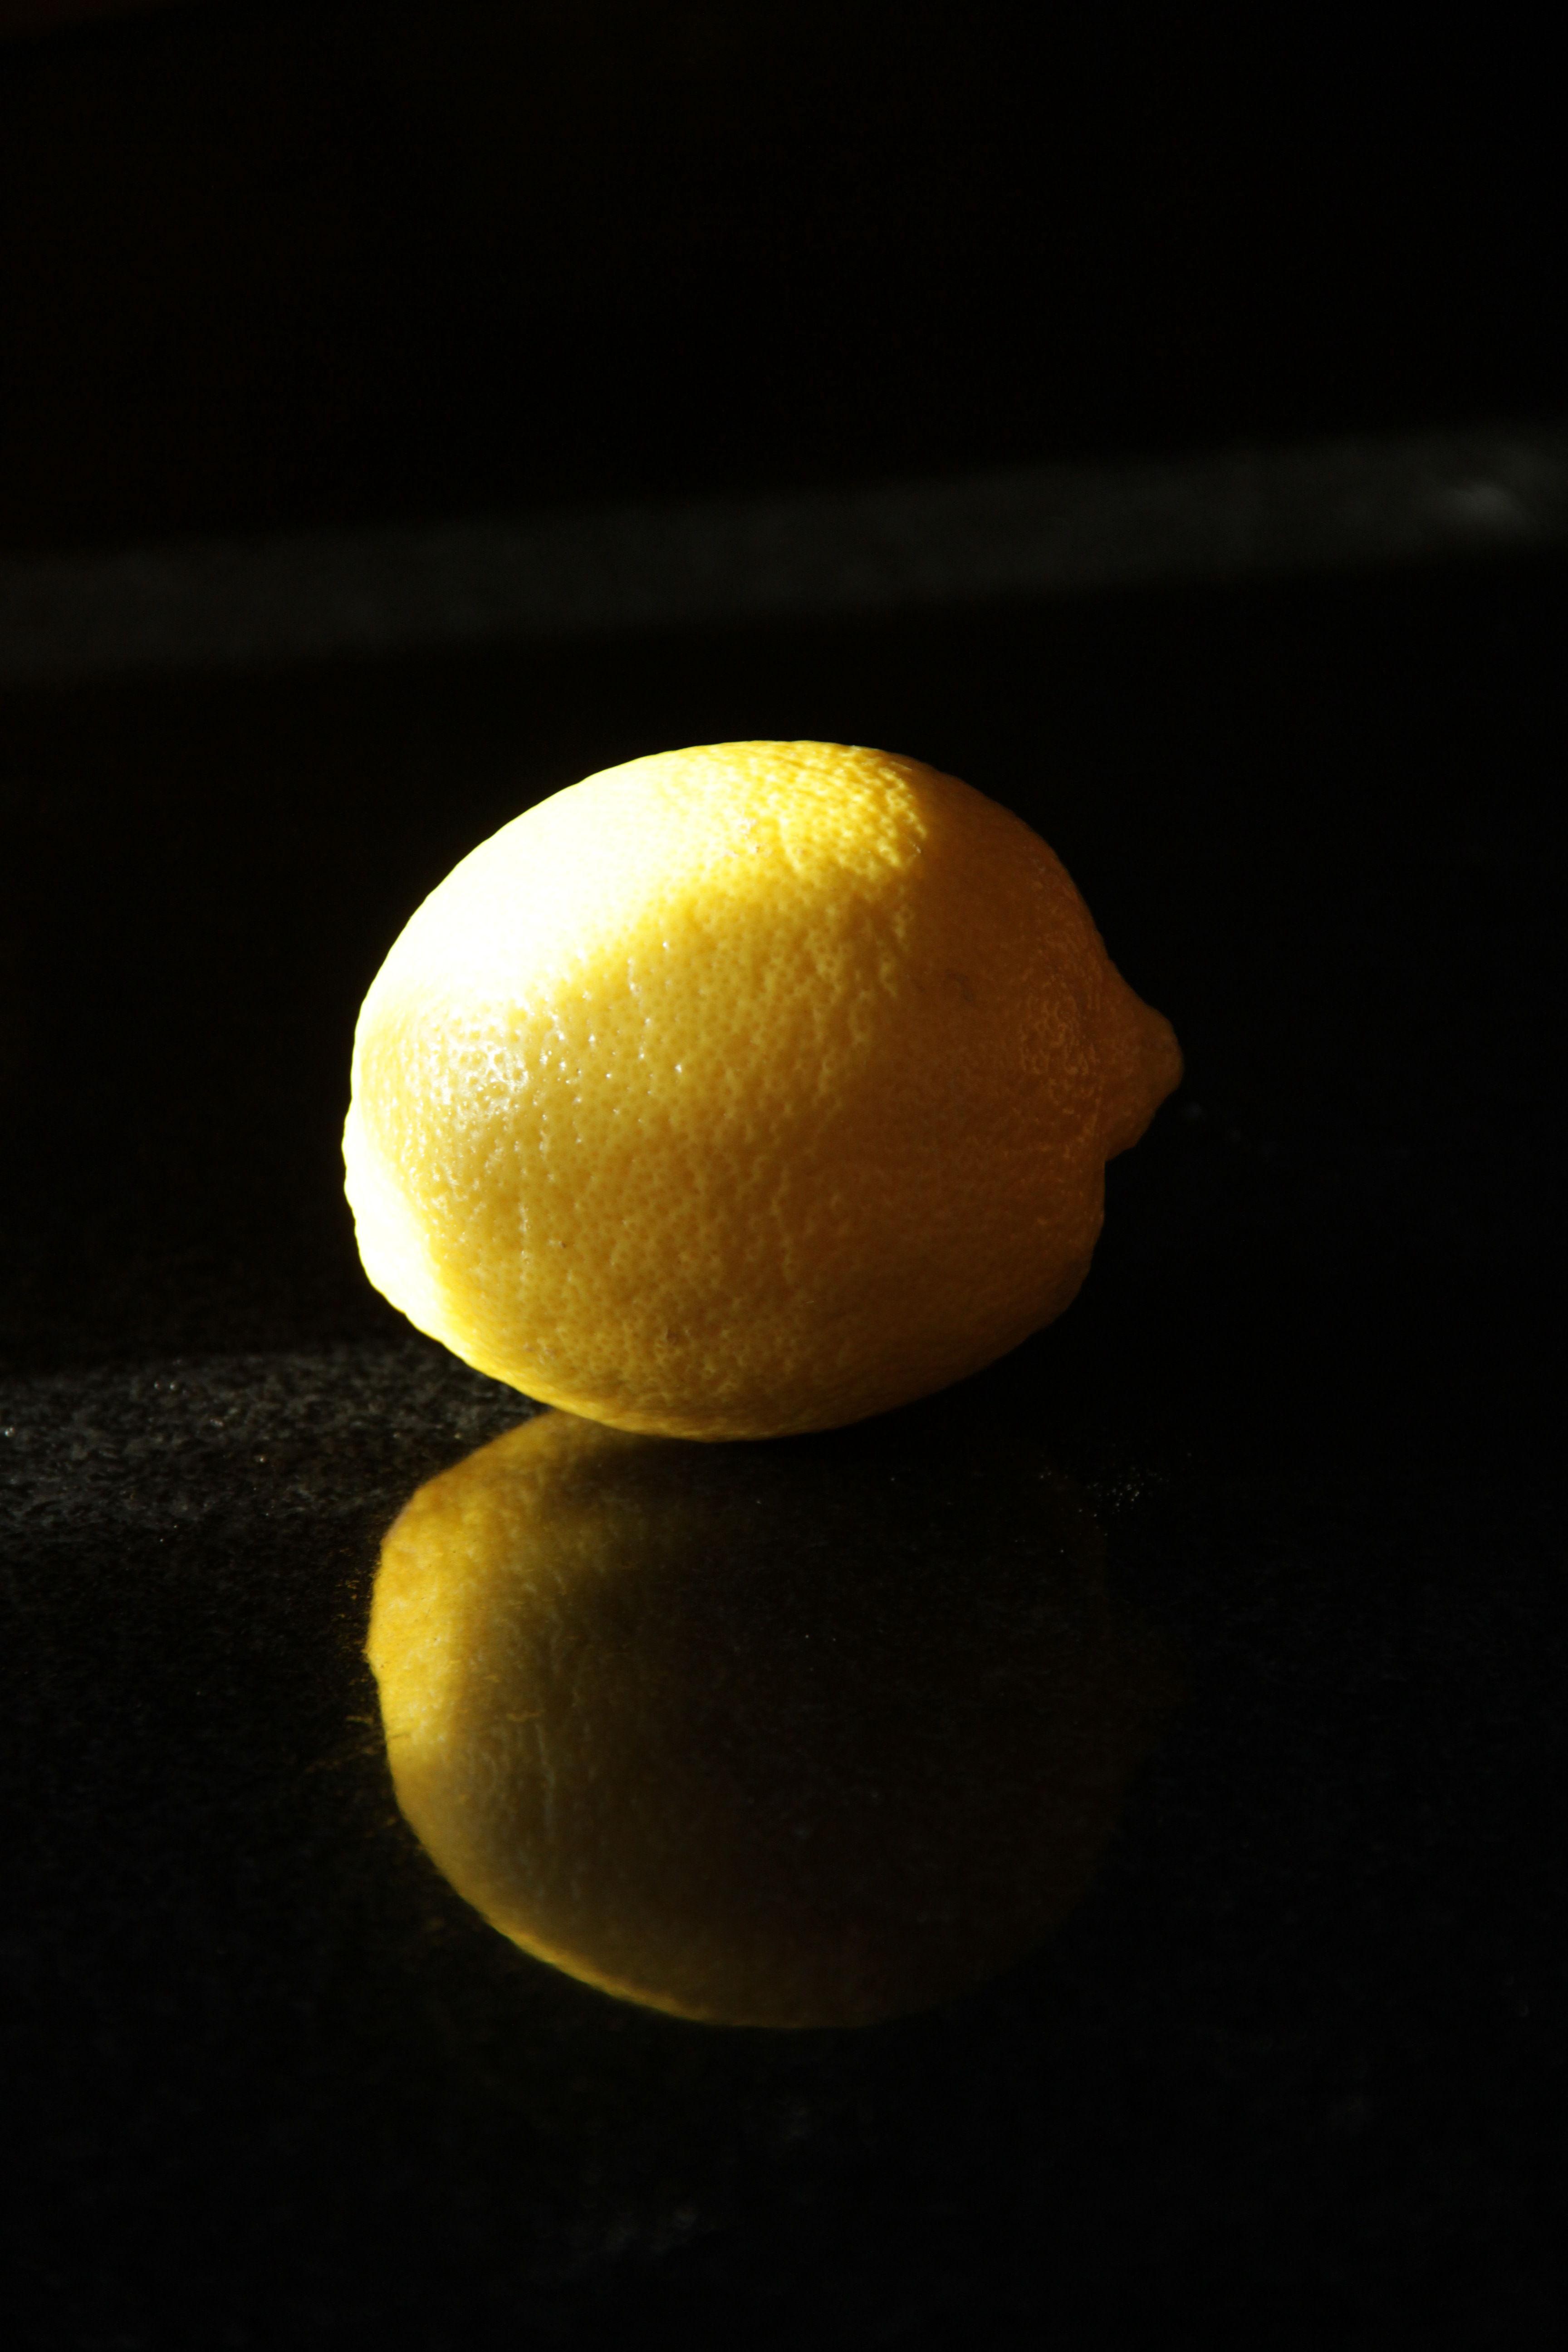 Lemon Cake 2